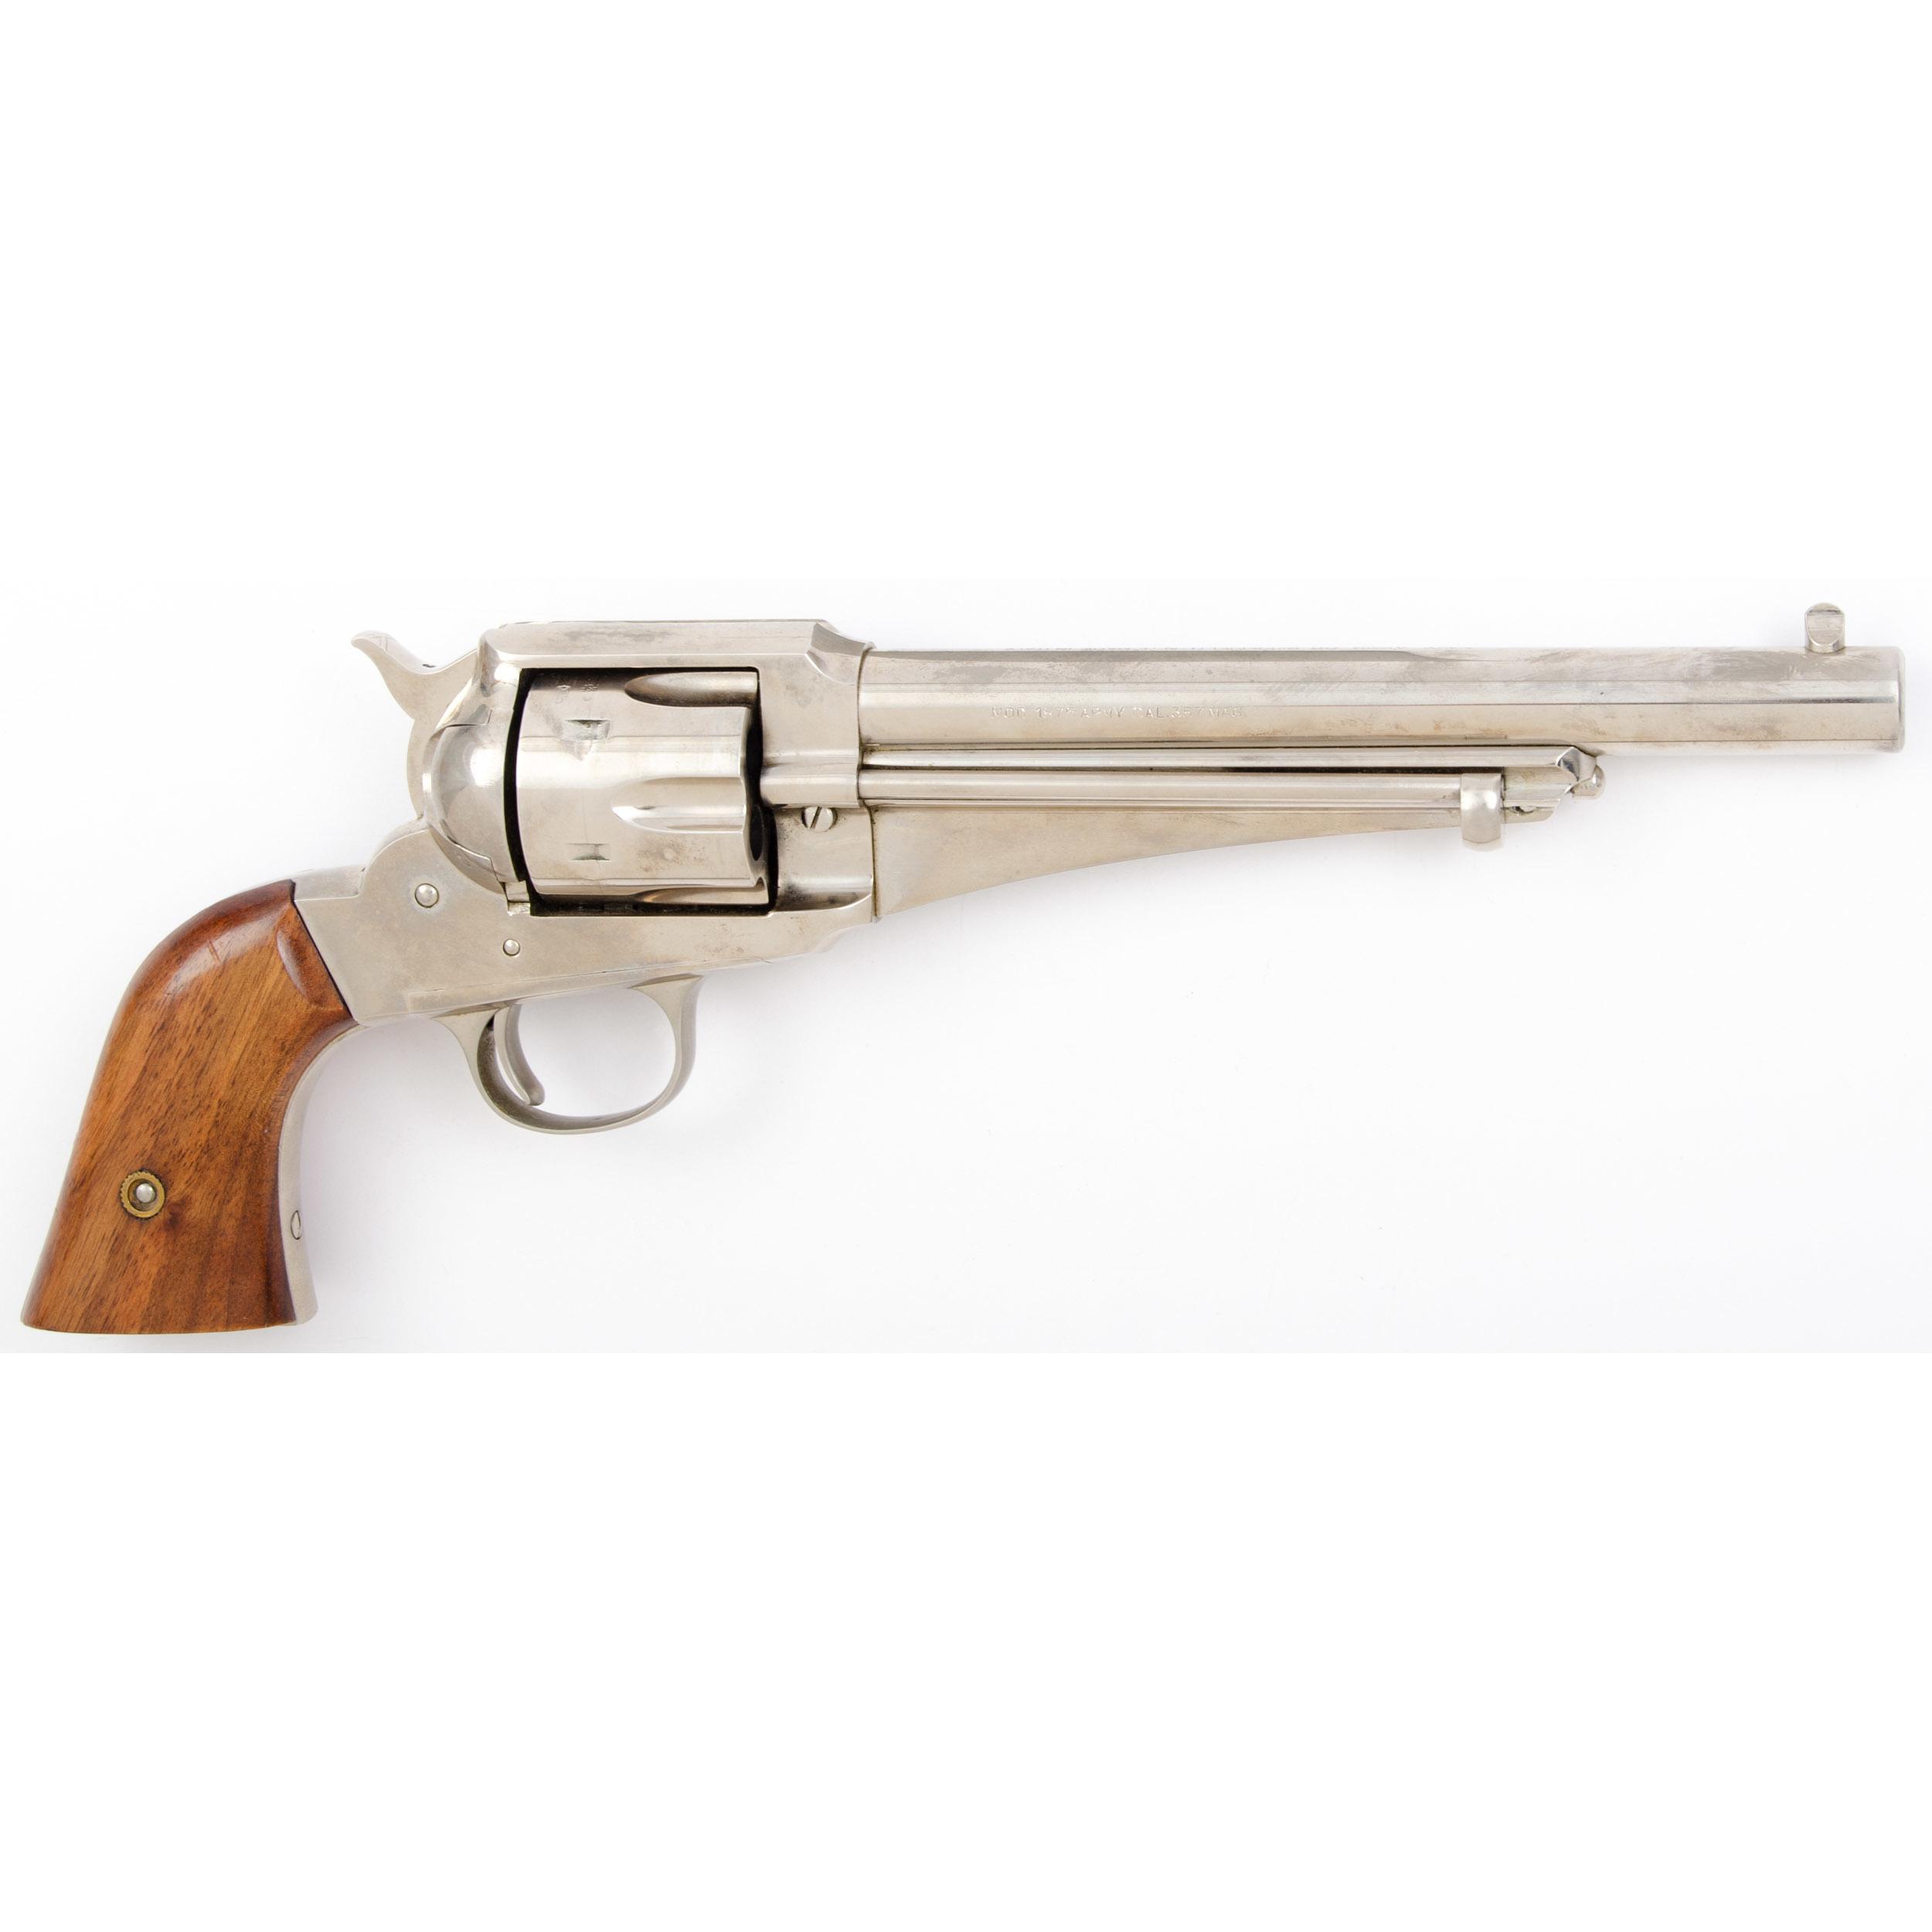 Navy Arms Reproduction Remington 1875 Revolver | Cowan's